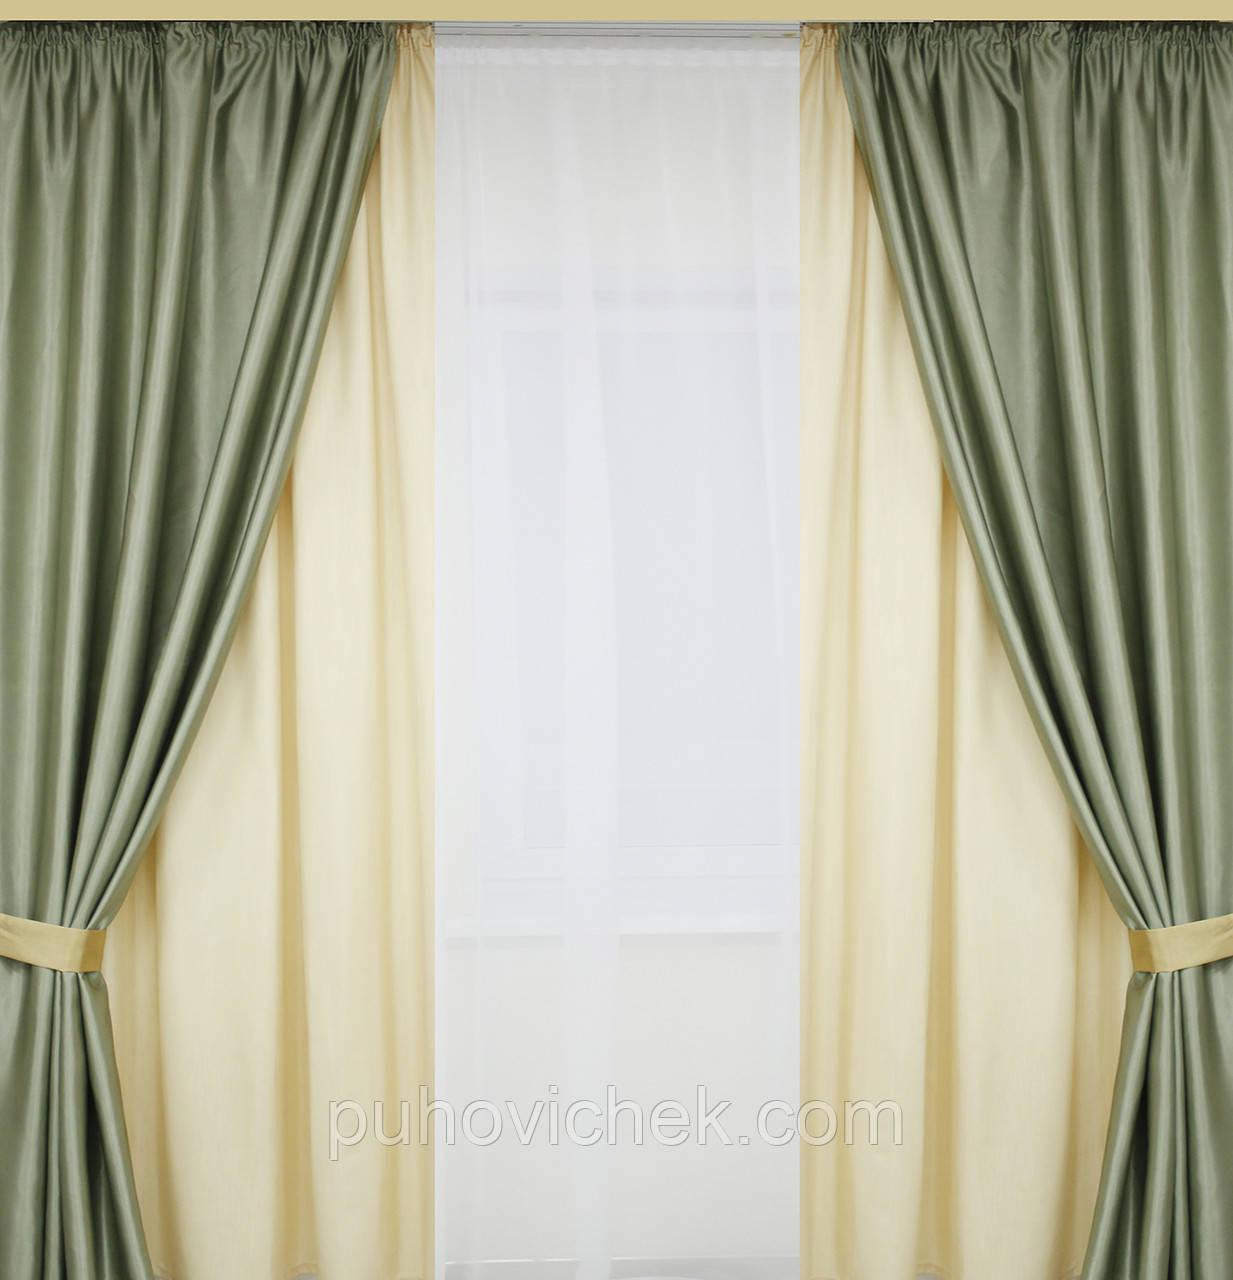 купить шторы для спальни недорого цена 970 грн купить в харькове